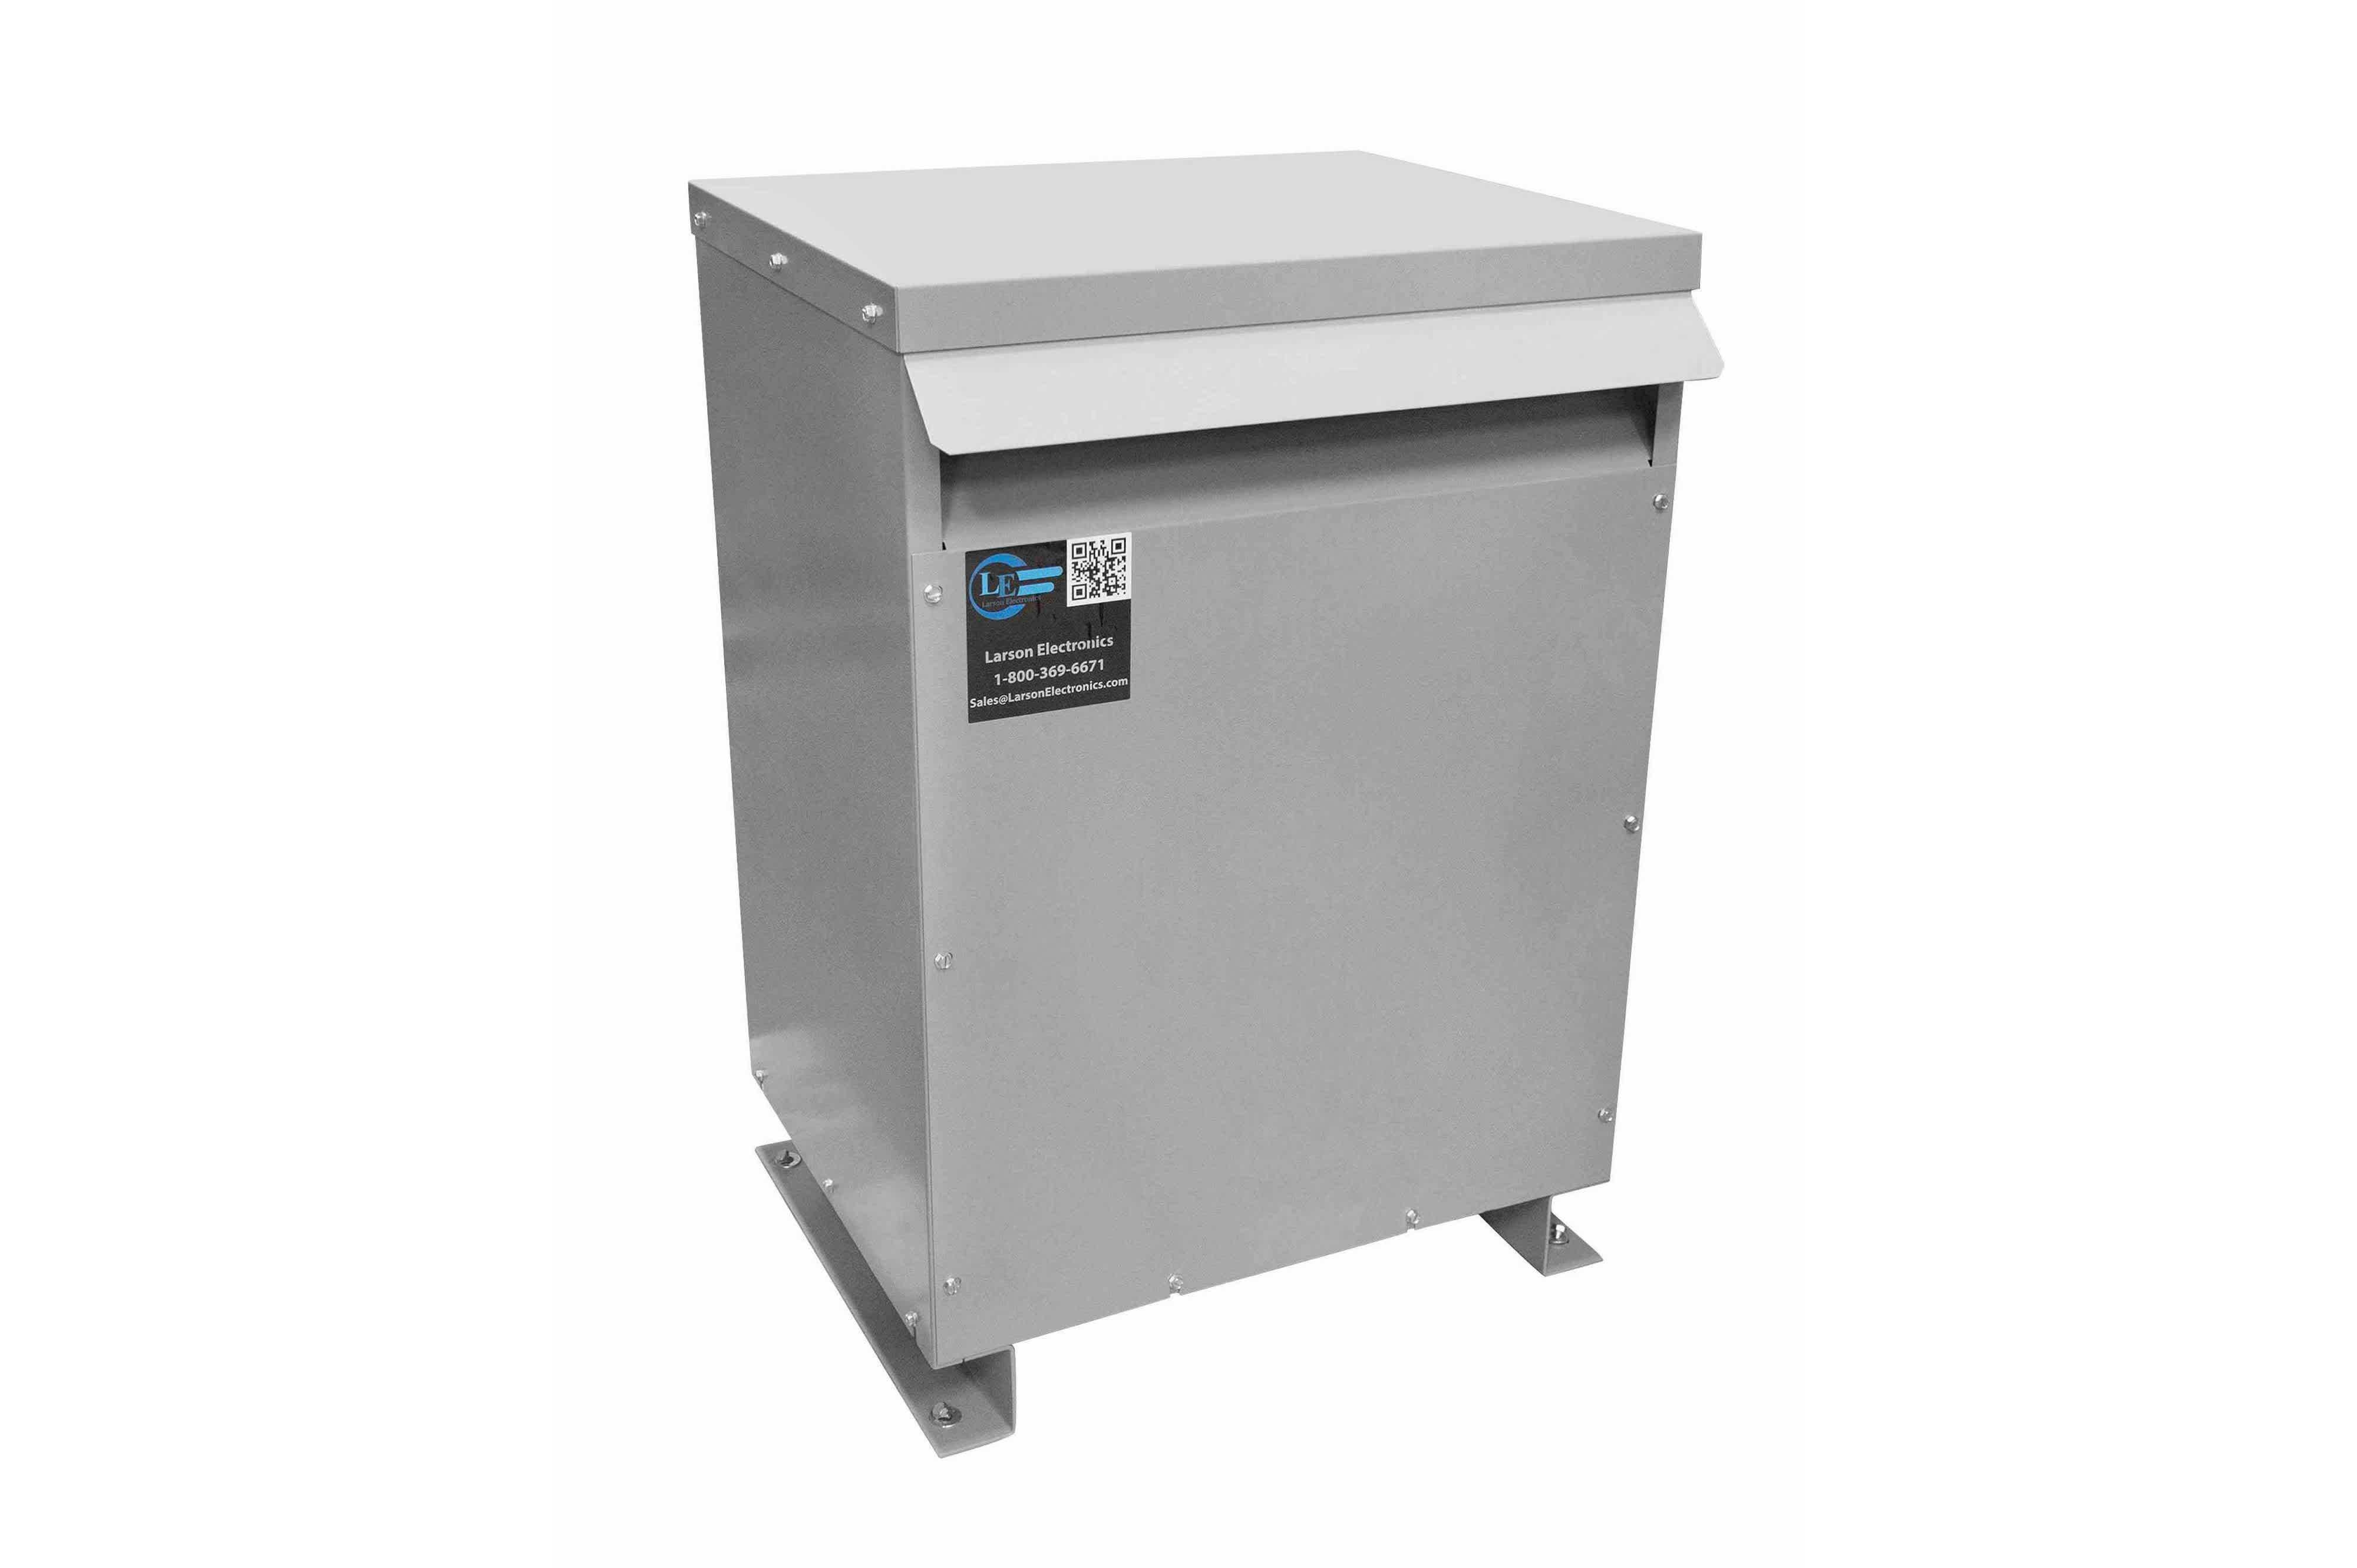 90 kVA 3PH Isolation Transformer, 460V Delta Primary, 208V Delta Secondary, N3R, Ventilated, 60 Hz